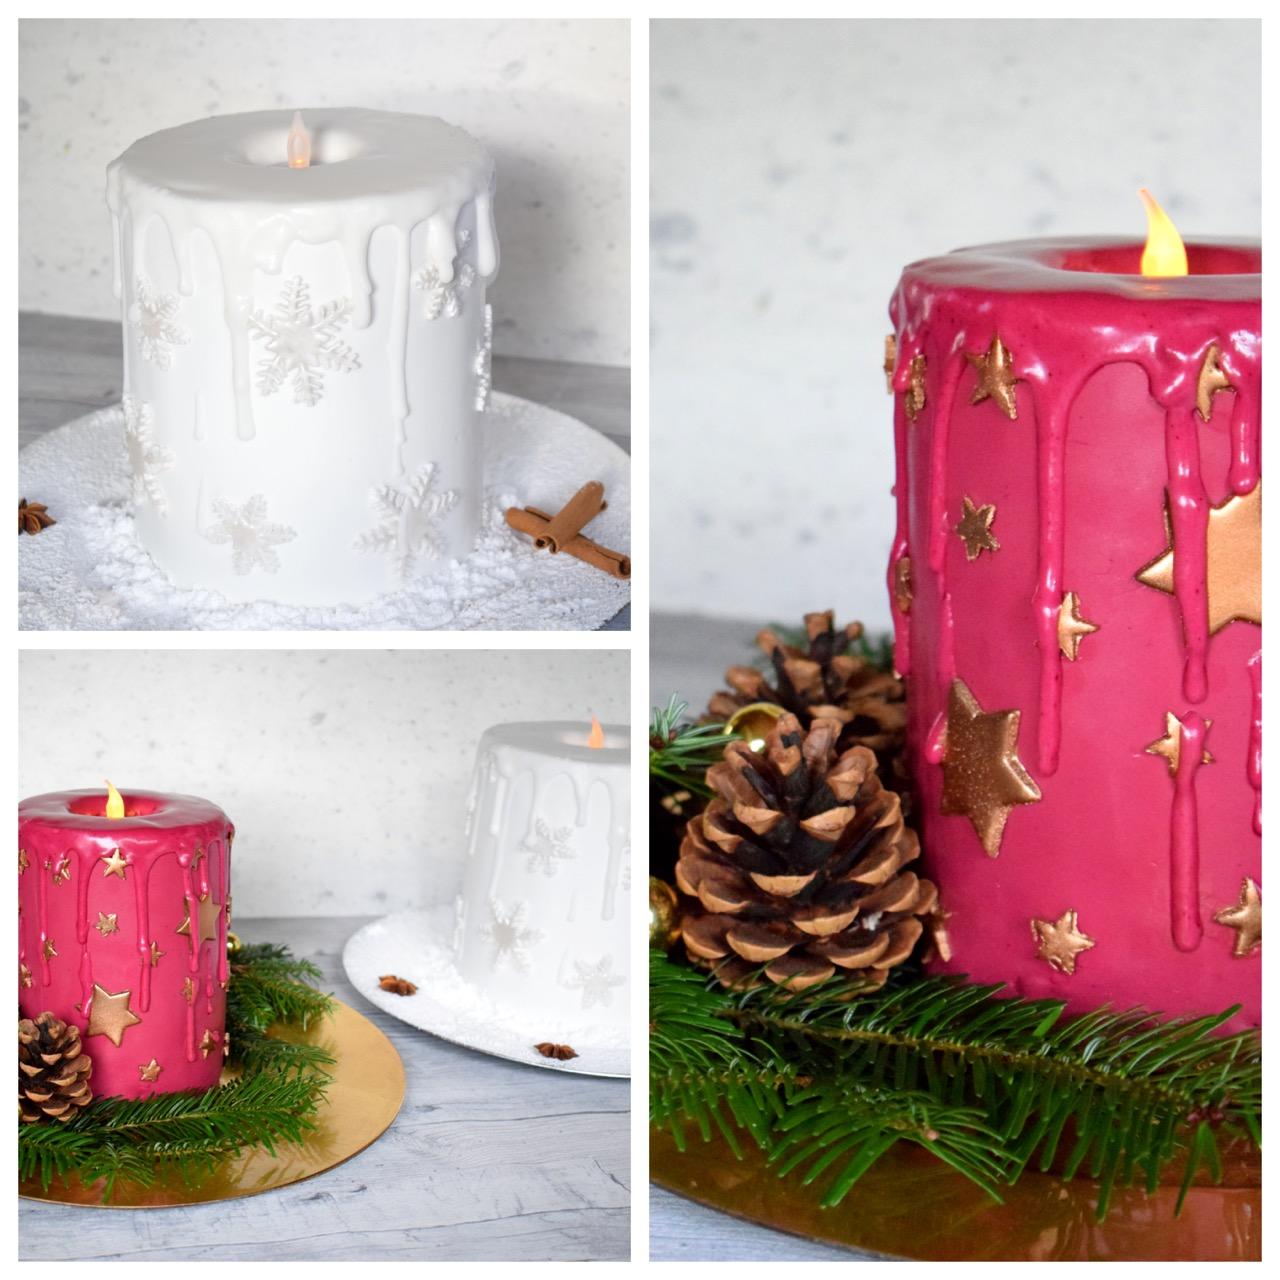 Motivtorte Kerze - Adventstorte von Purzel Cake